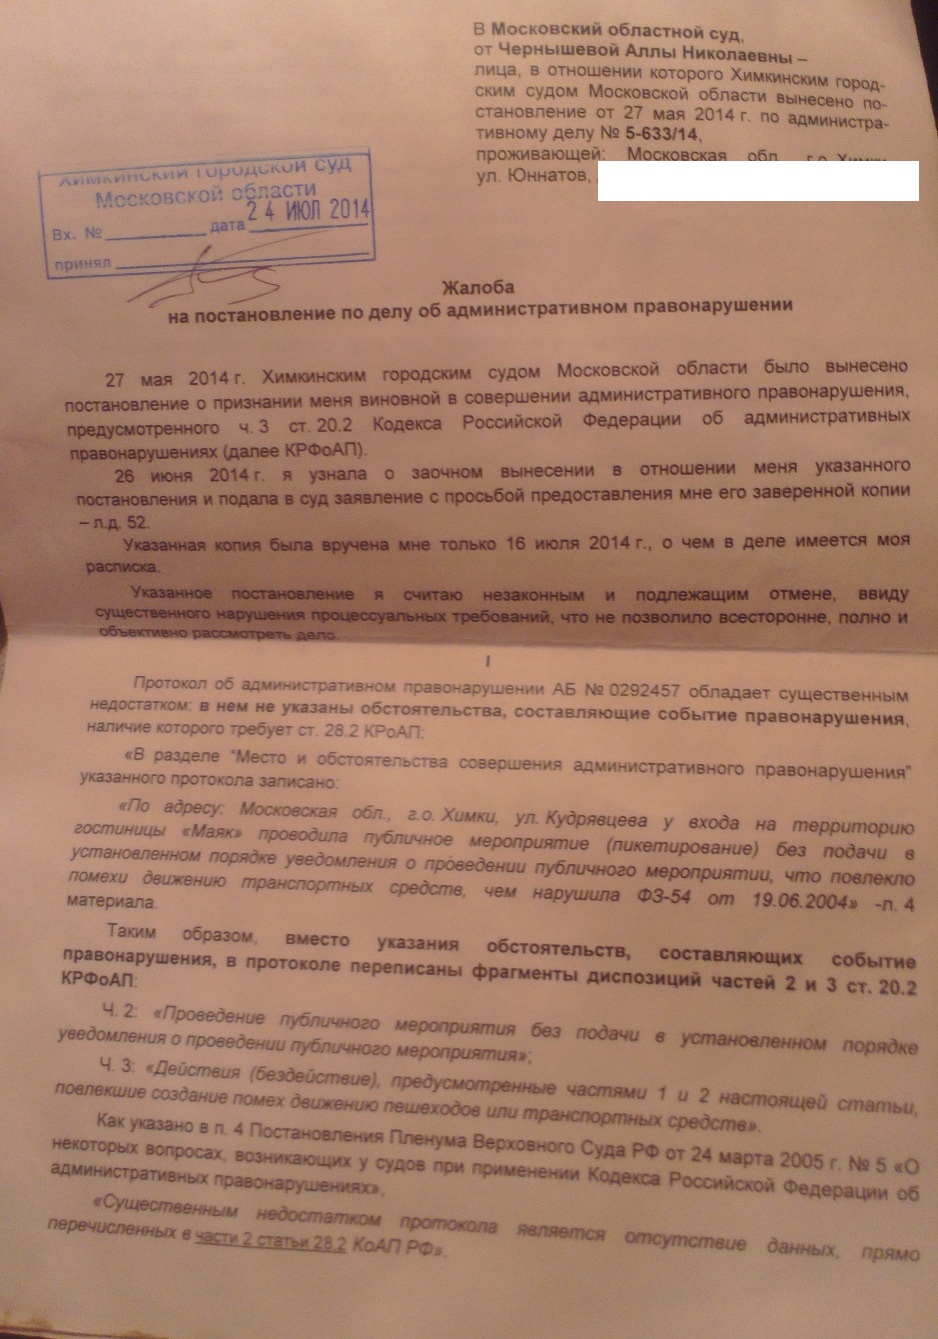 Кассация от 24-08-2014 - 1 без адр